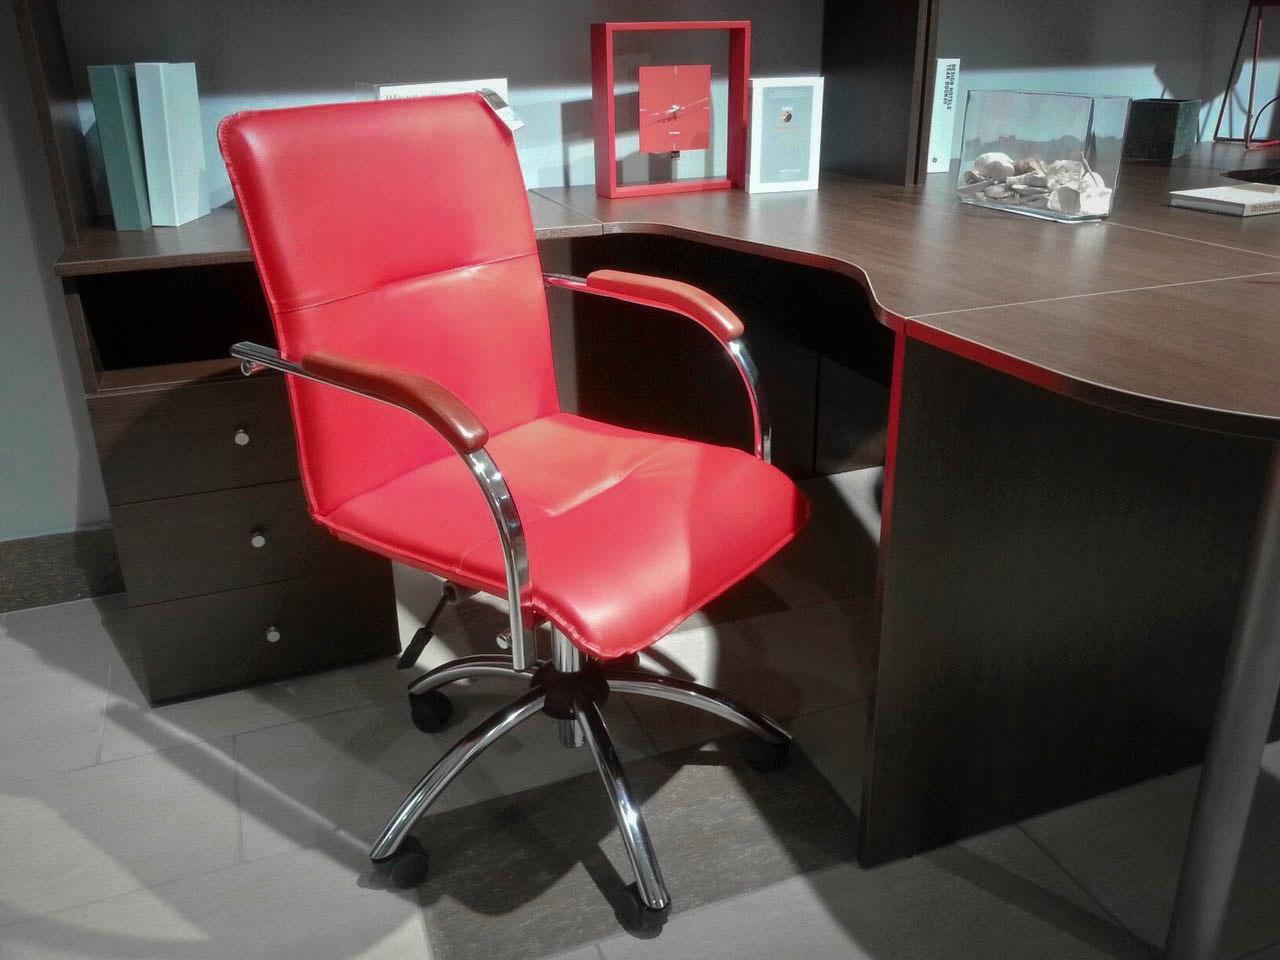 Купить кресло в Усть-Каменогорске